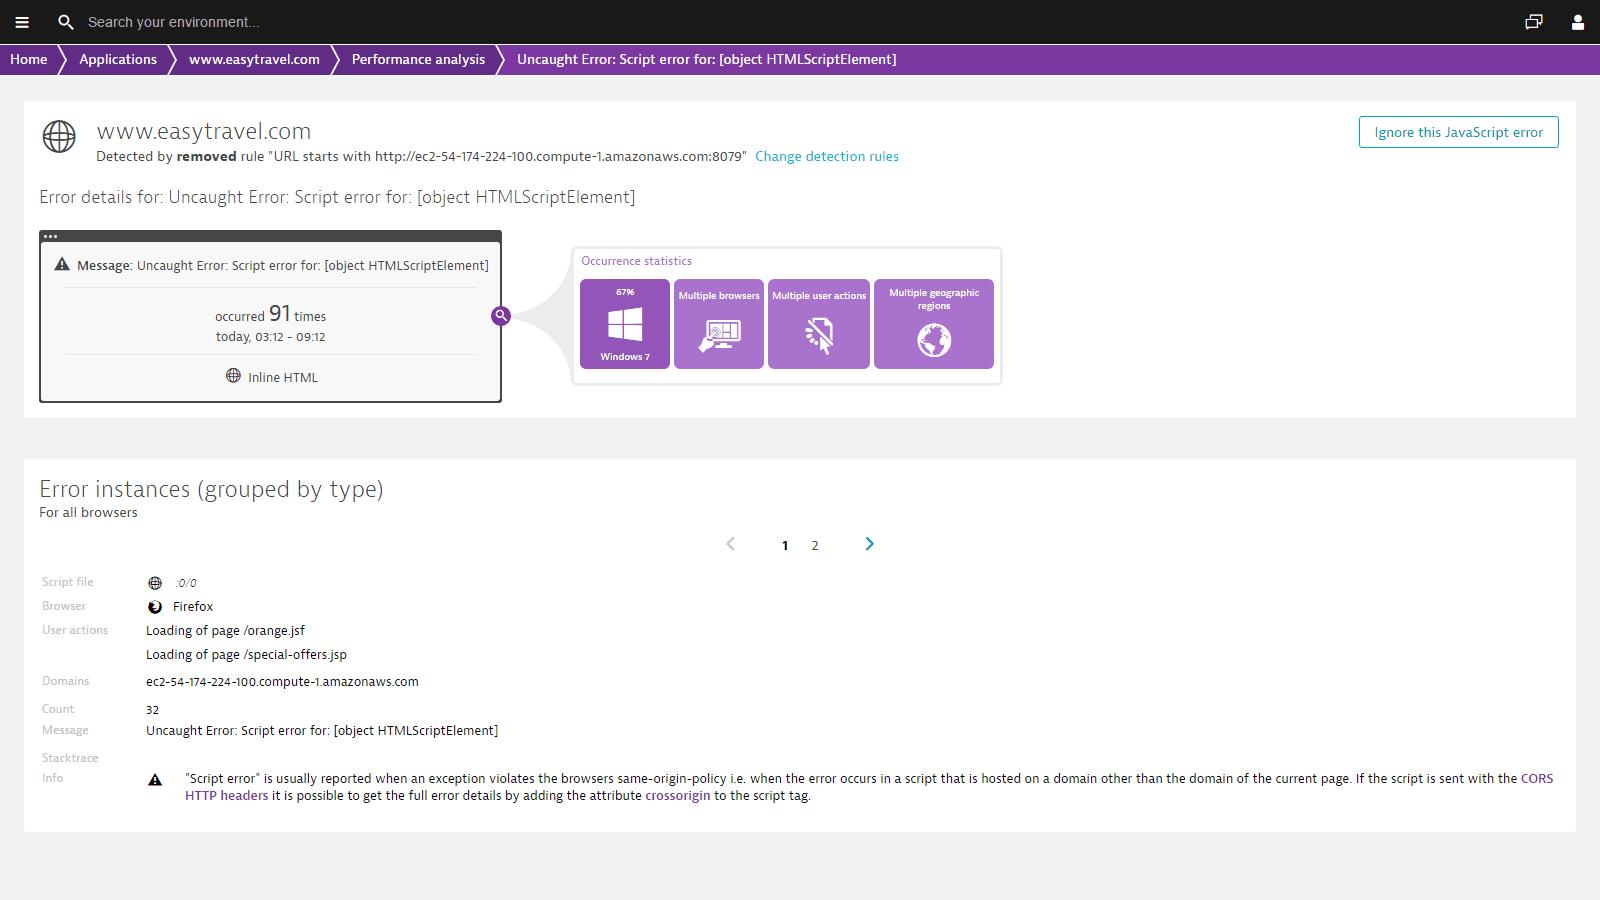 可查明 JavaScript 错误在各种浏览器上的分布。您可以查看 JavaScript 错误消息,了解触发这些错误消息的用户动作,查看堆栈跟踪——全在同一个视图中。